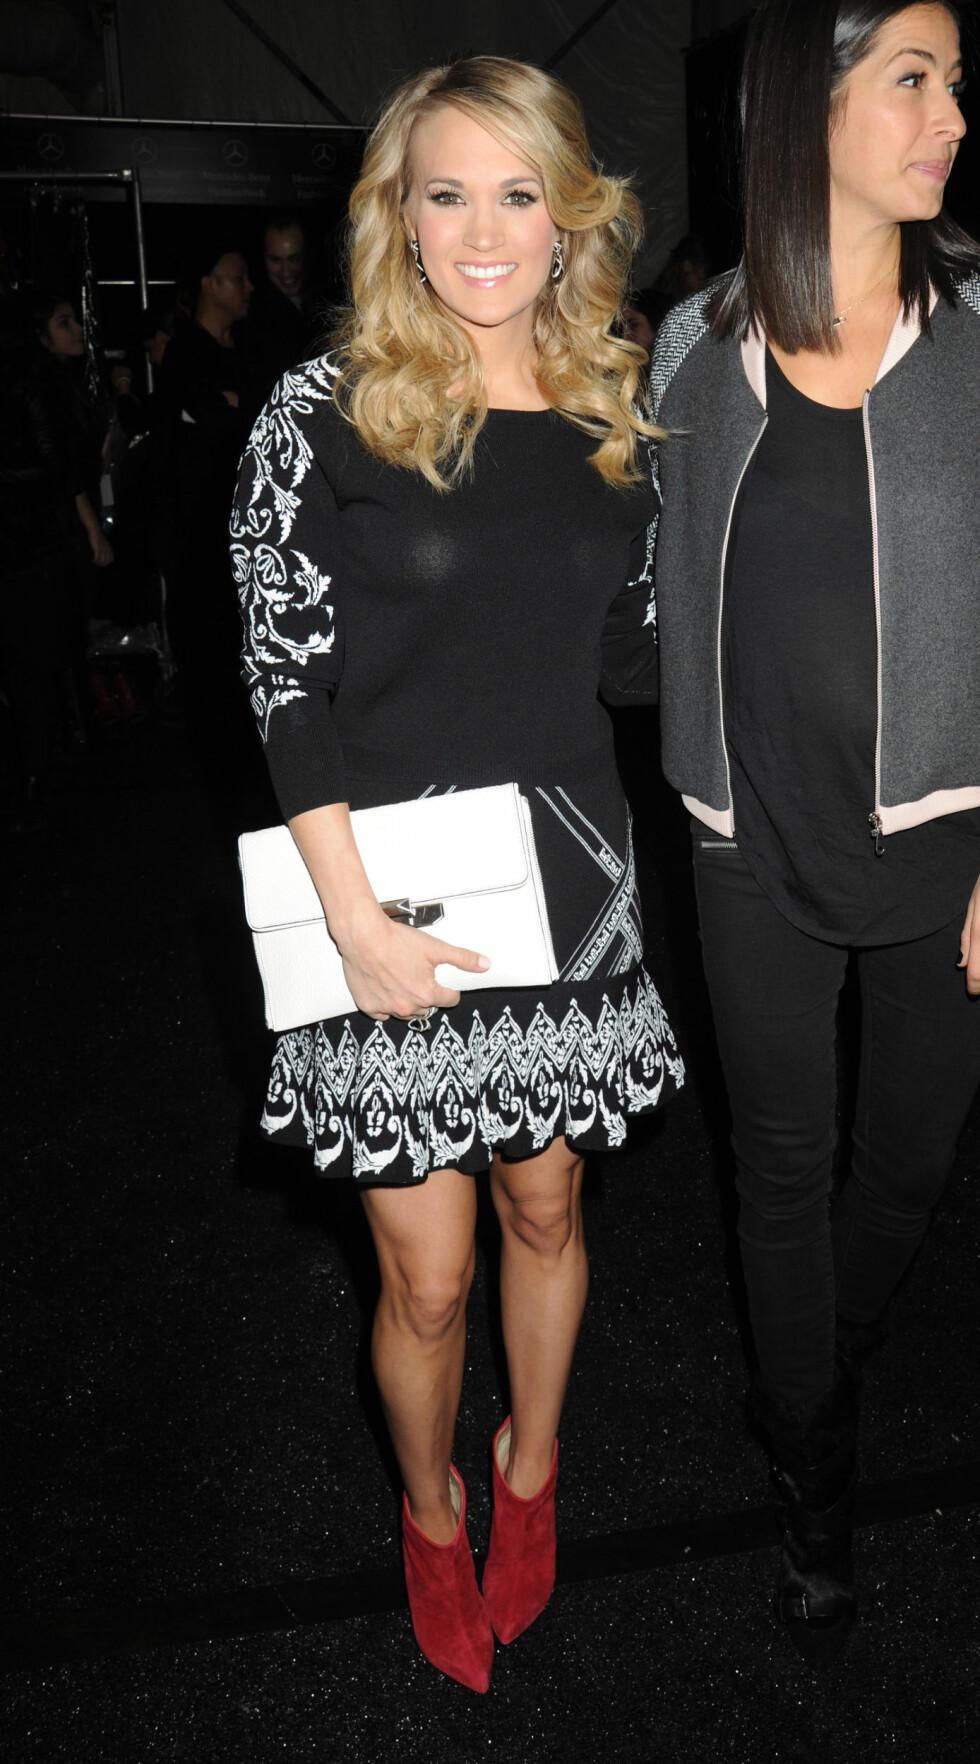 Den amerikanske popartisten Carrie Underwood hadde på seg en sort kjole med hvite detaljer og et par knallrøde ankelstøvletter.  Foto: All Over Press